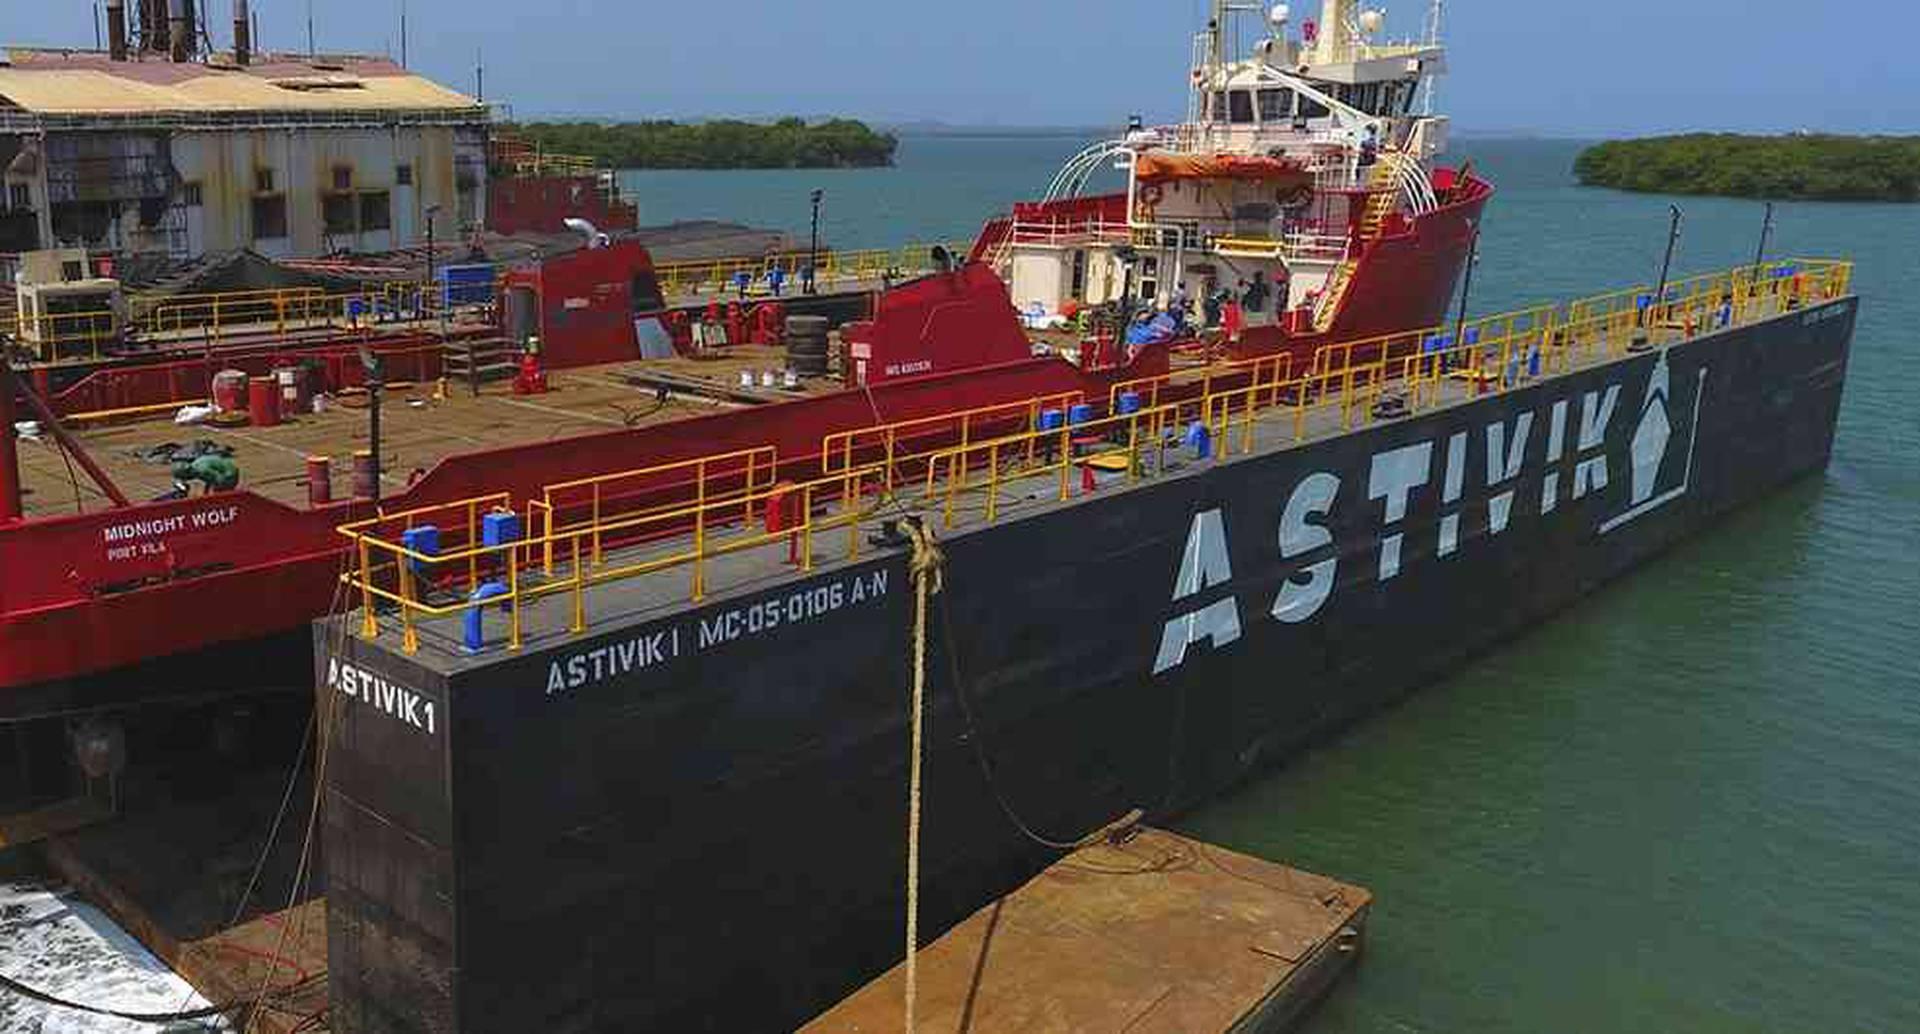 Industrias Astivik nació en 1972 a un costado de la bahía de Cartagena. Es un astillero avalado por la Dimar.